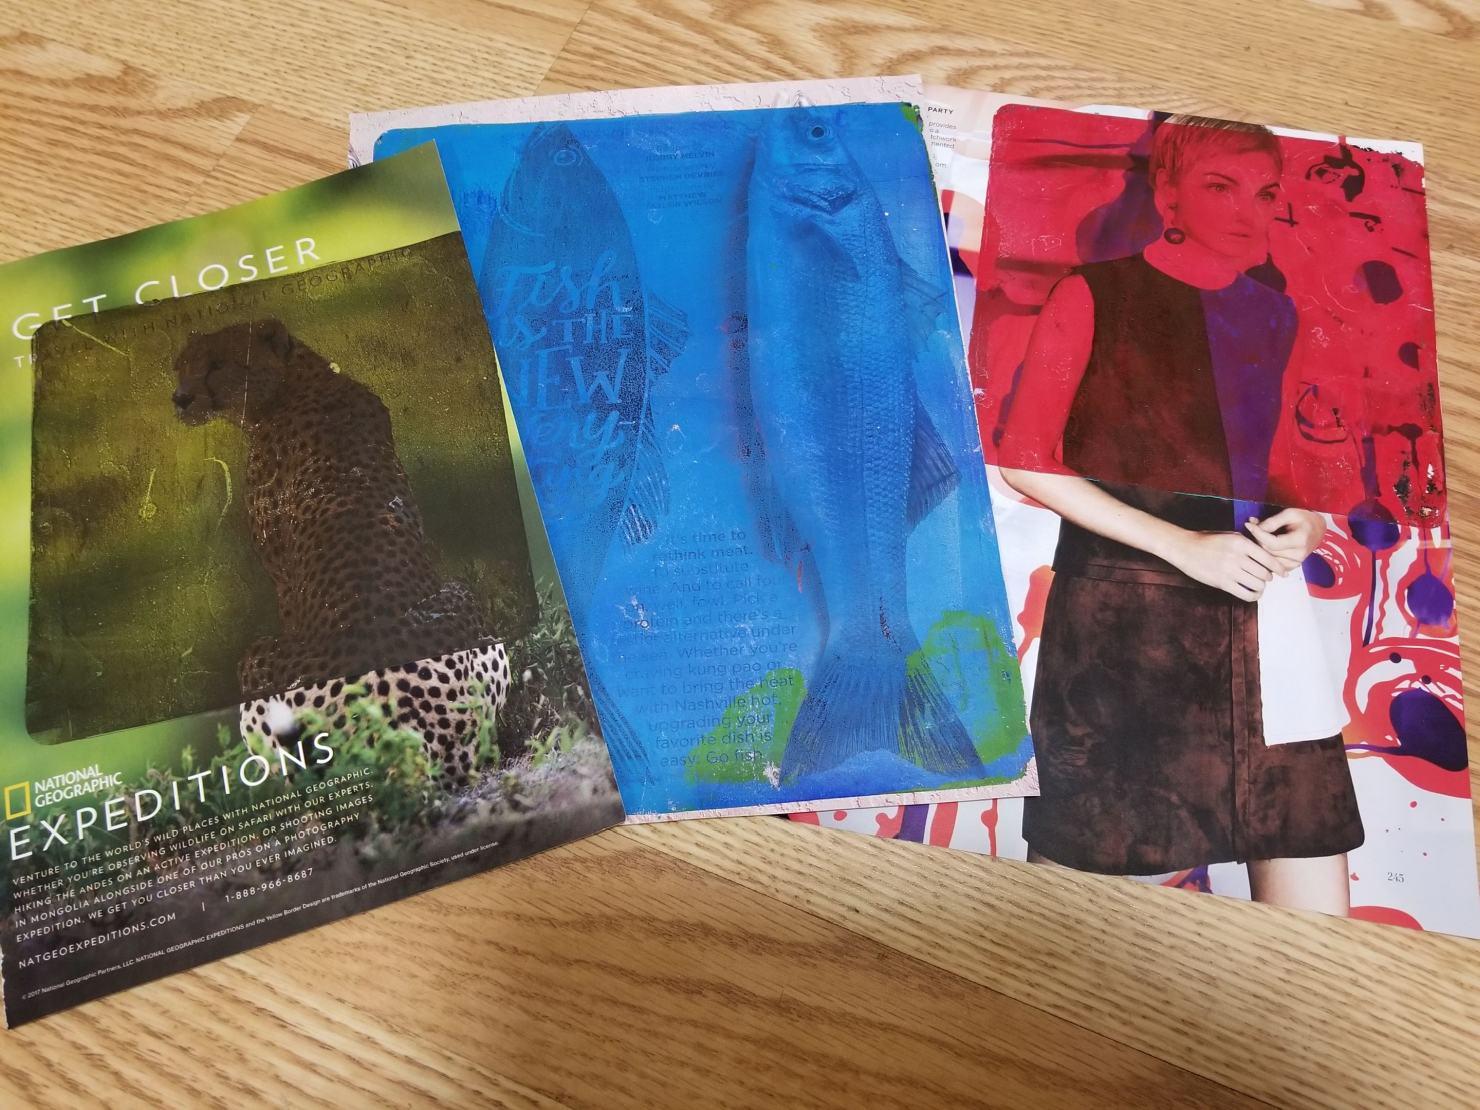 magazine images used